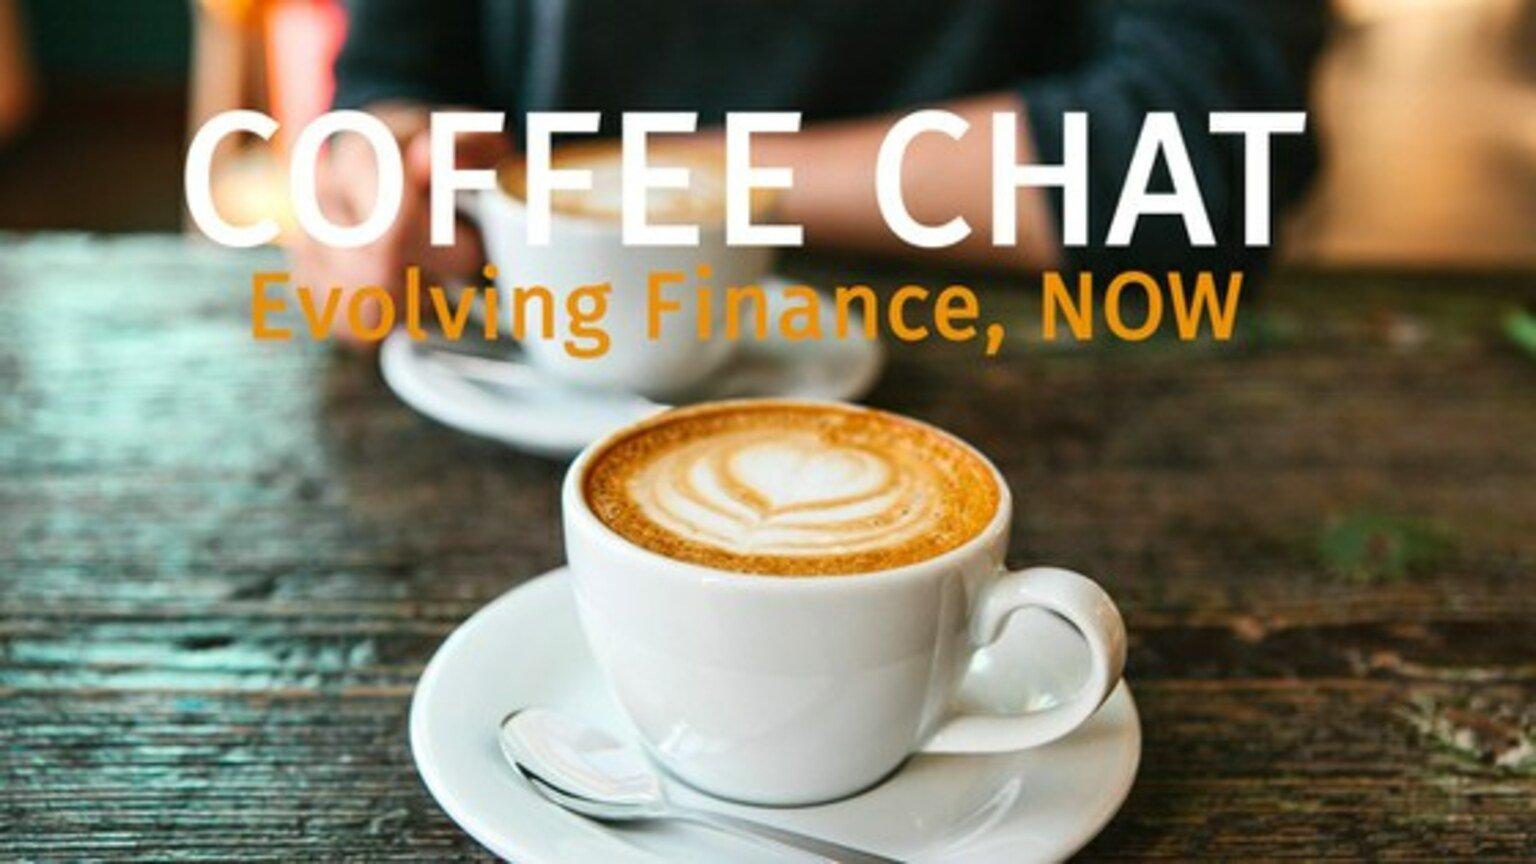 Evolving Finance